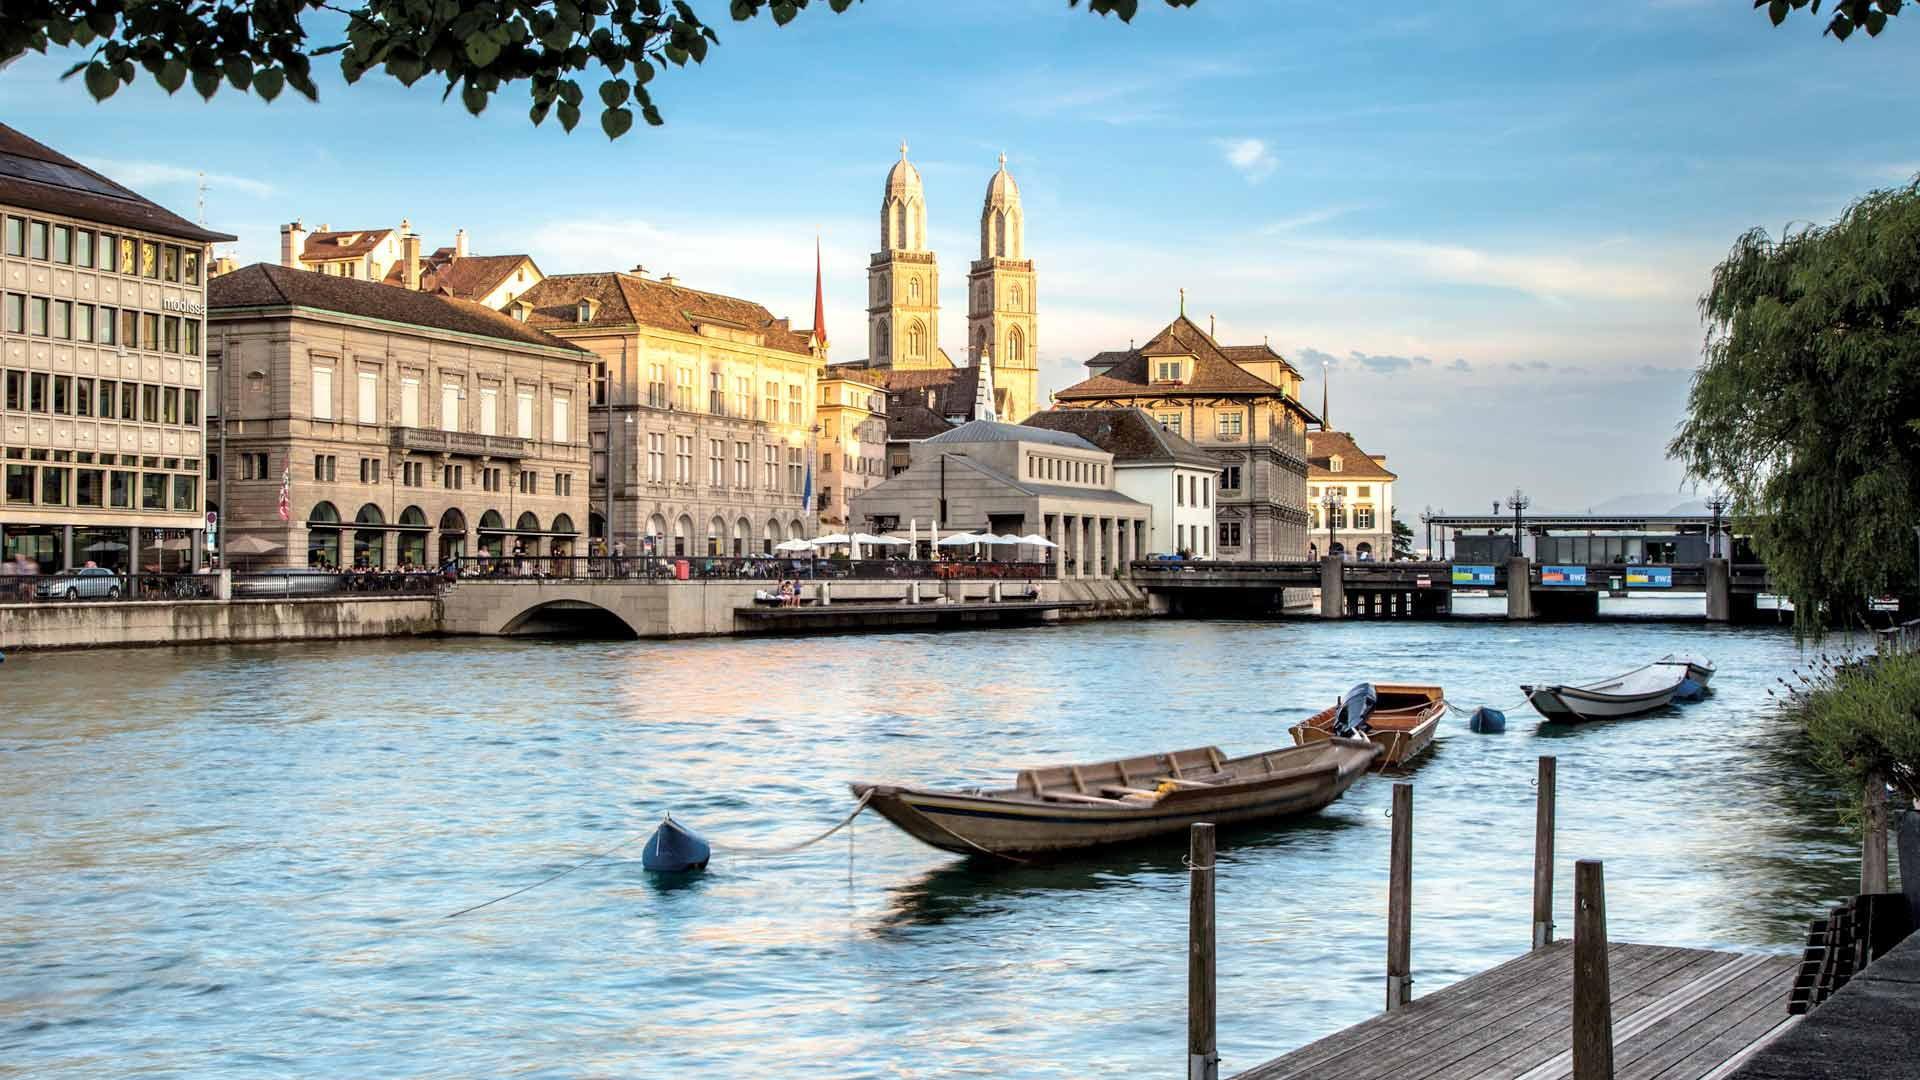 Обои Пейзаж, причалы, лодки, ticino, швейцария, дома, ascona, набережная. Города foto 11